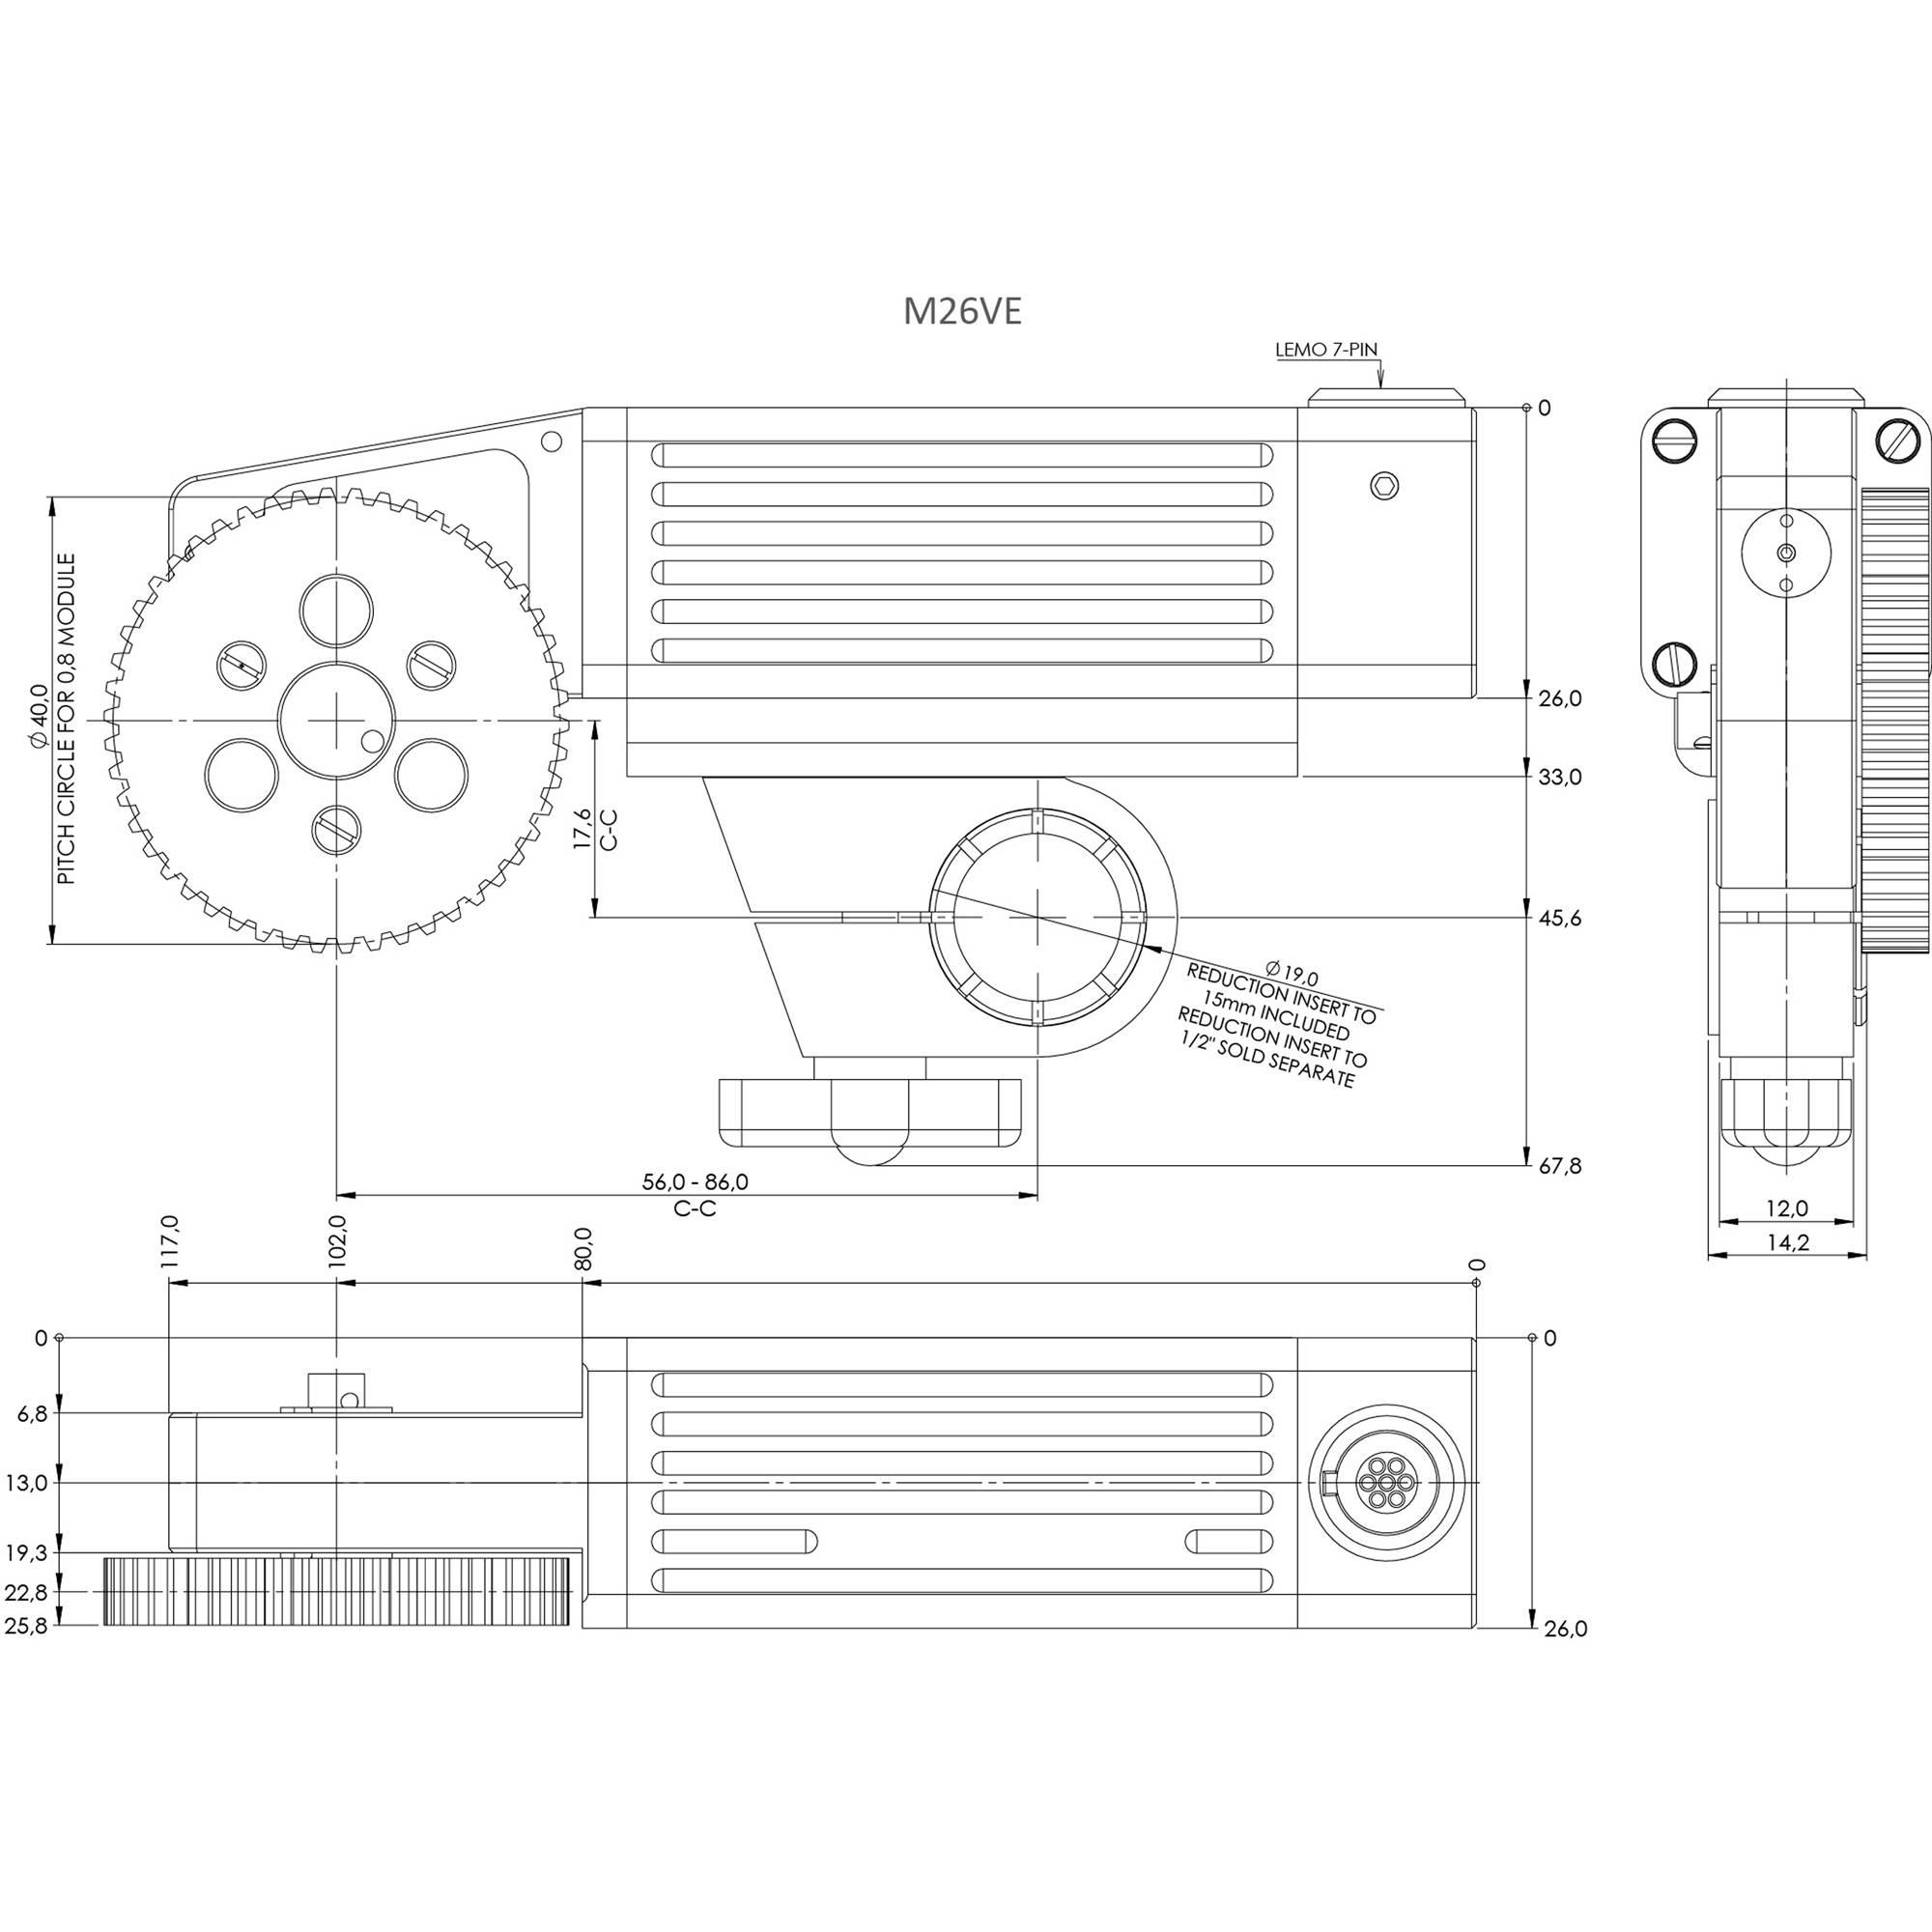 HEDEN M26VE Motor (512 Encoder, 3 3k ID Resistor)